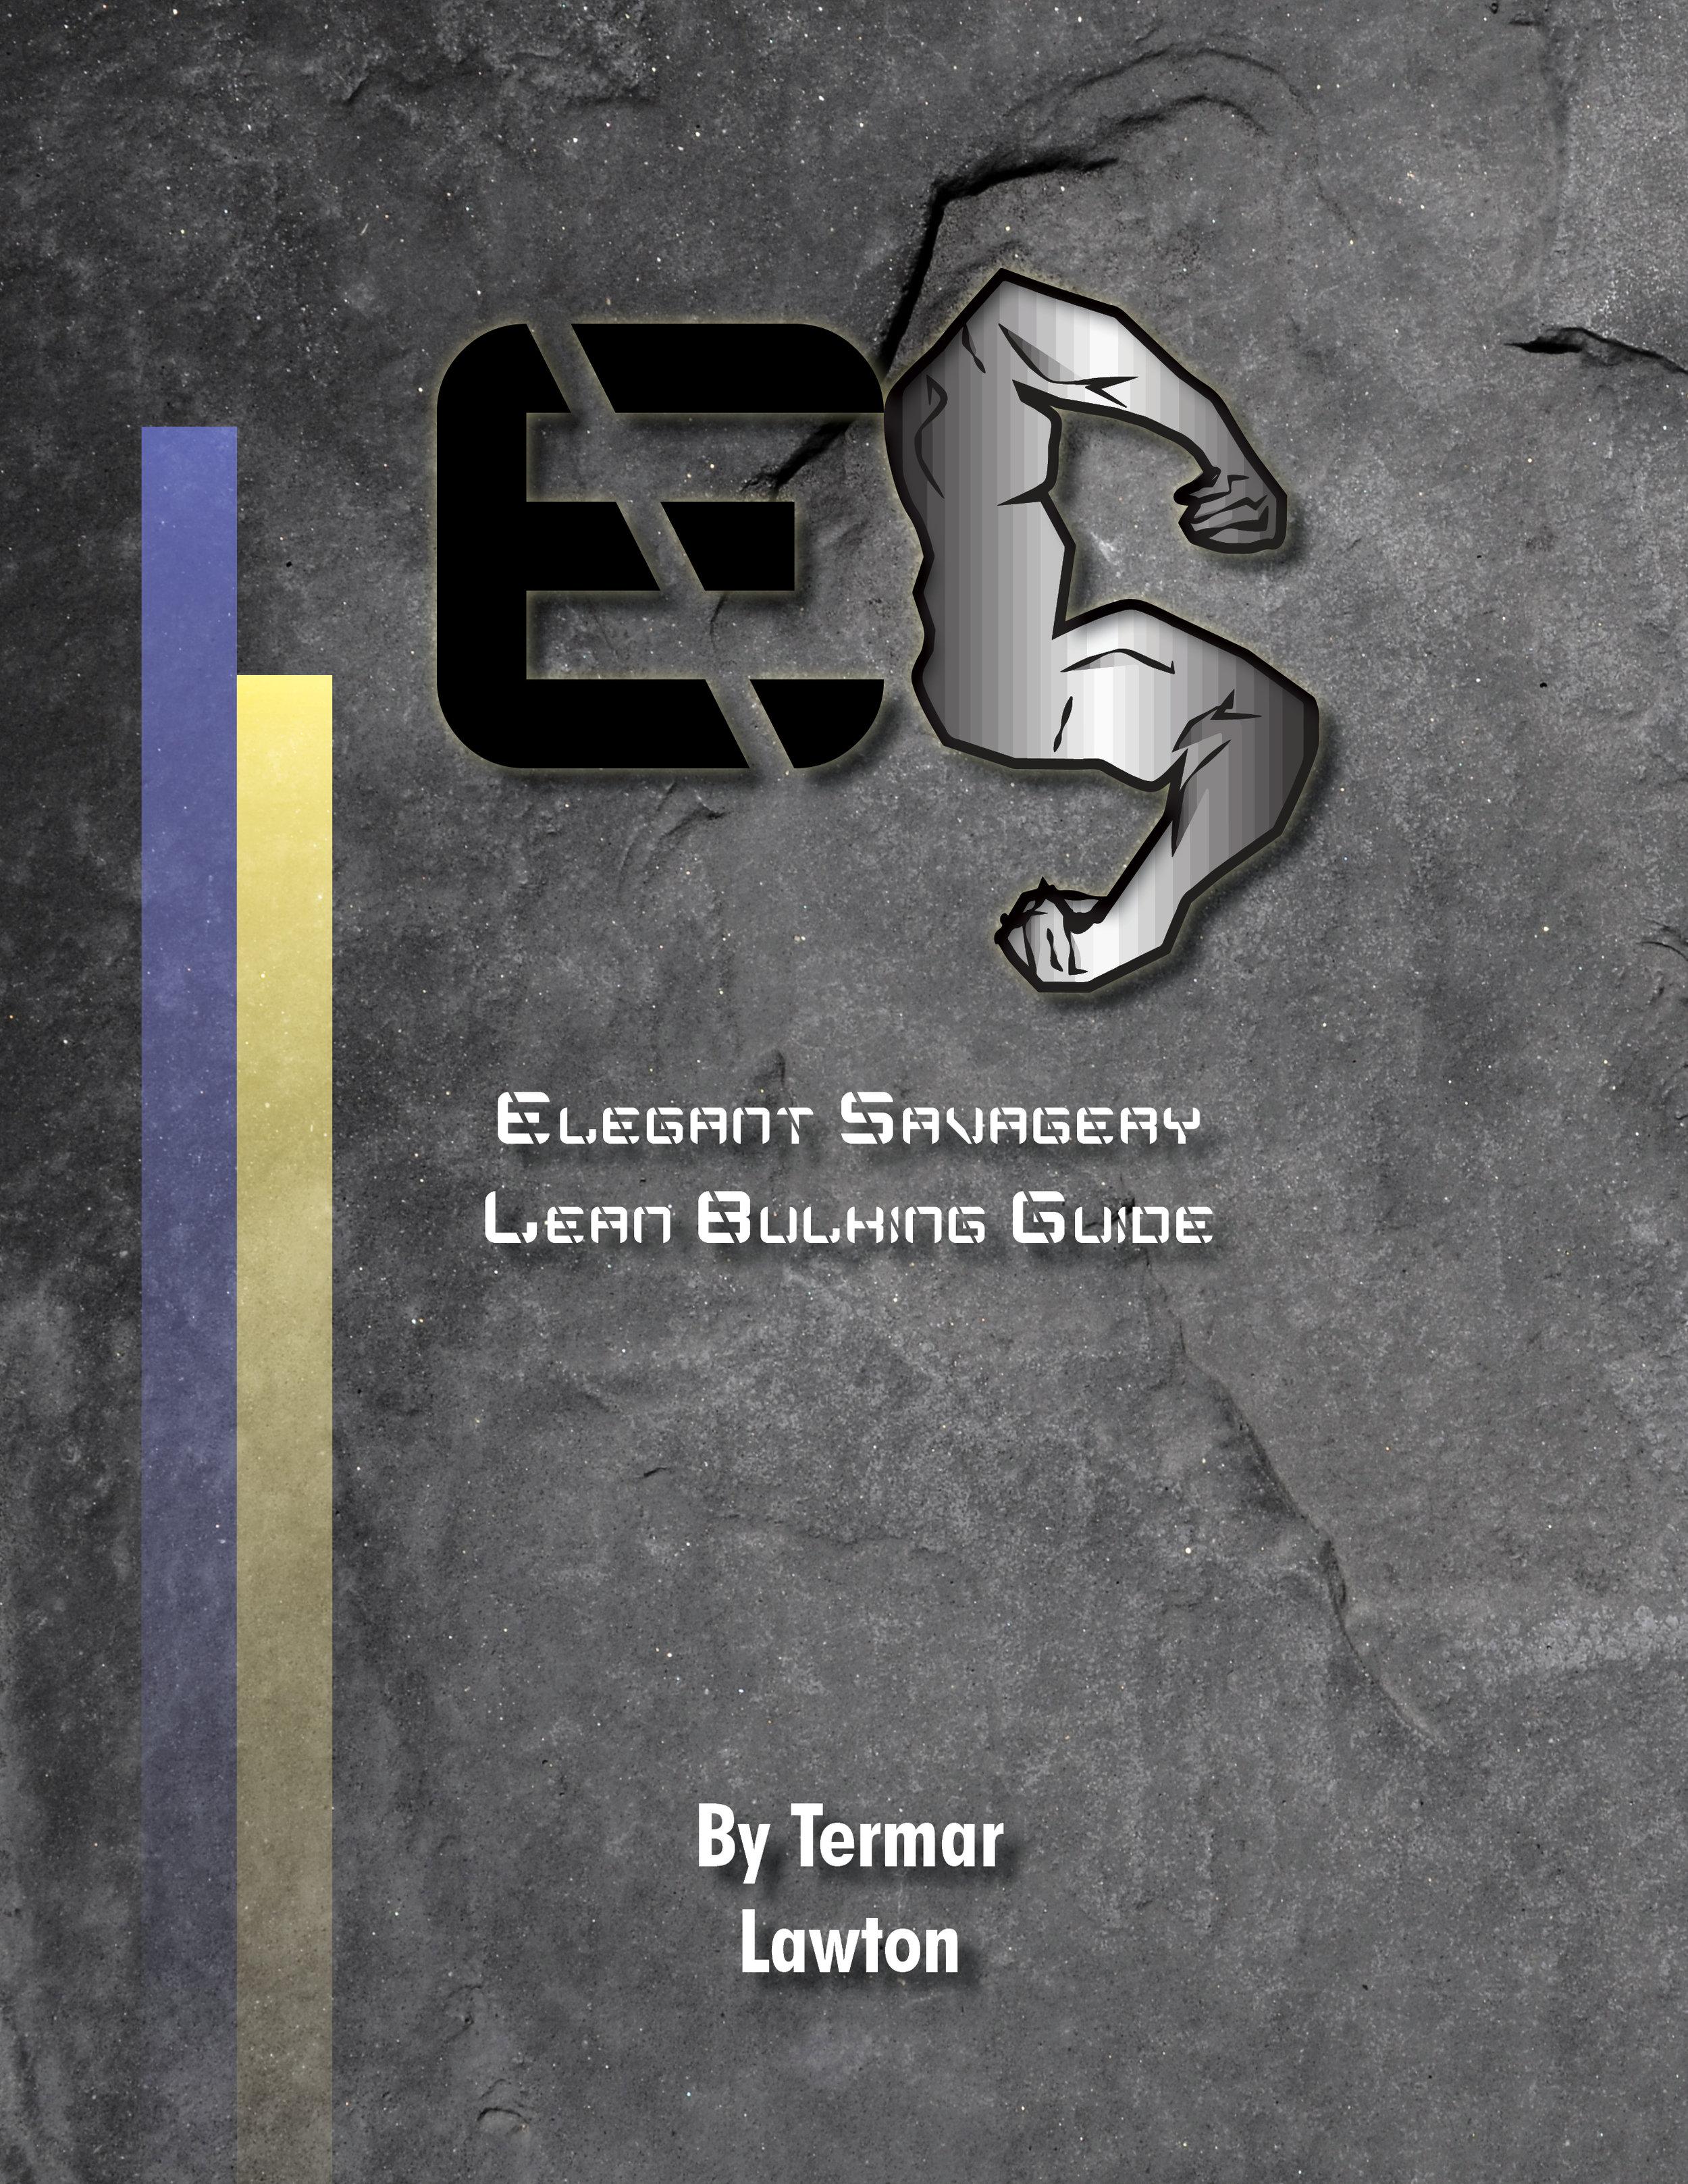 LBG Temp 3.jpg